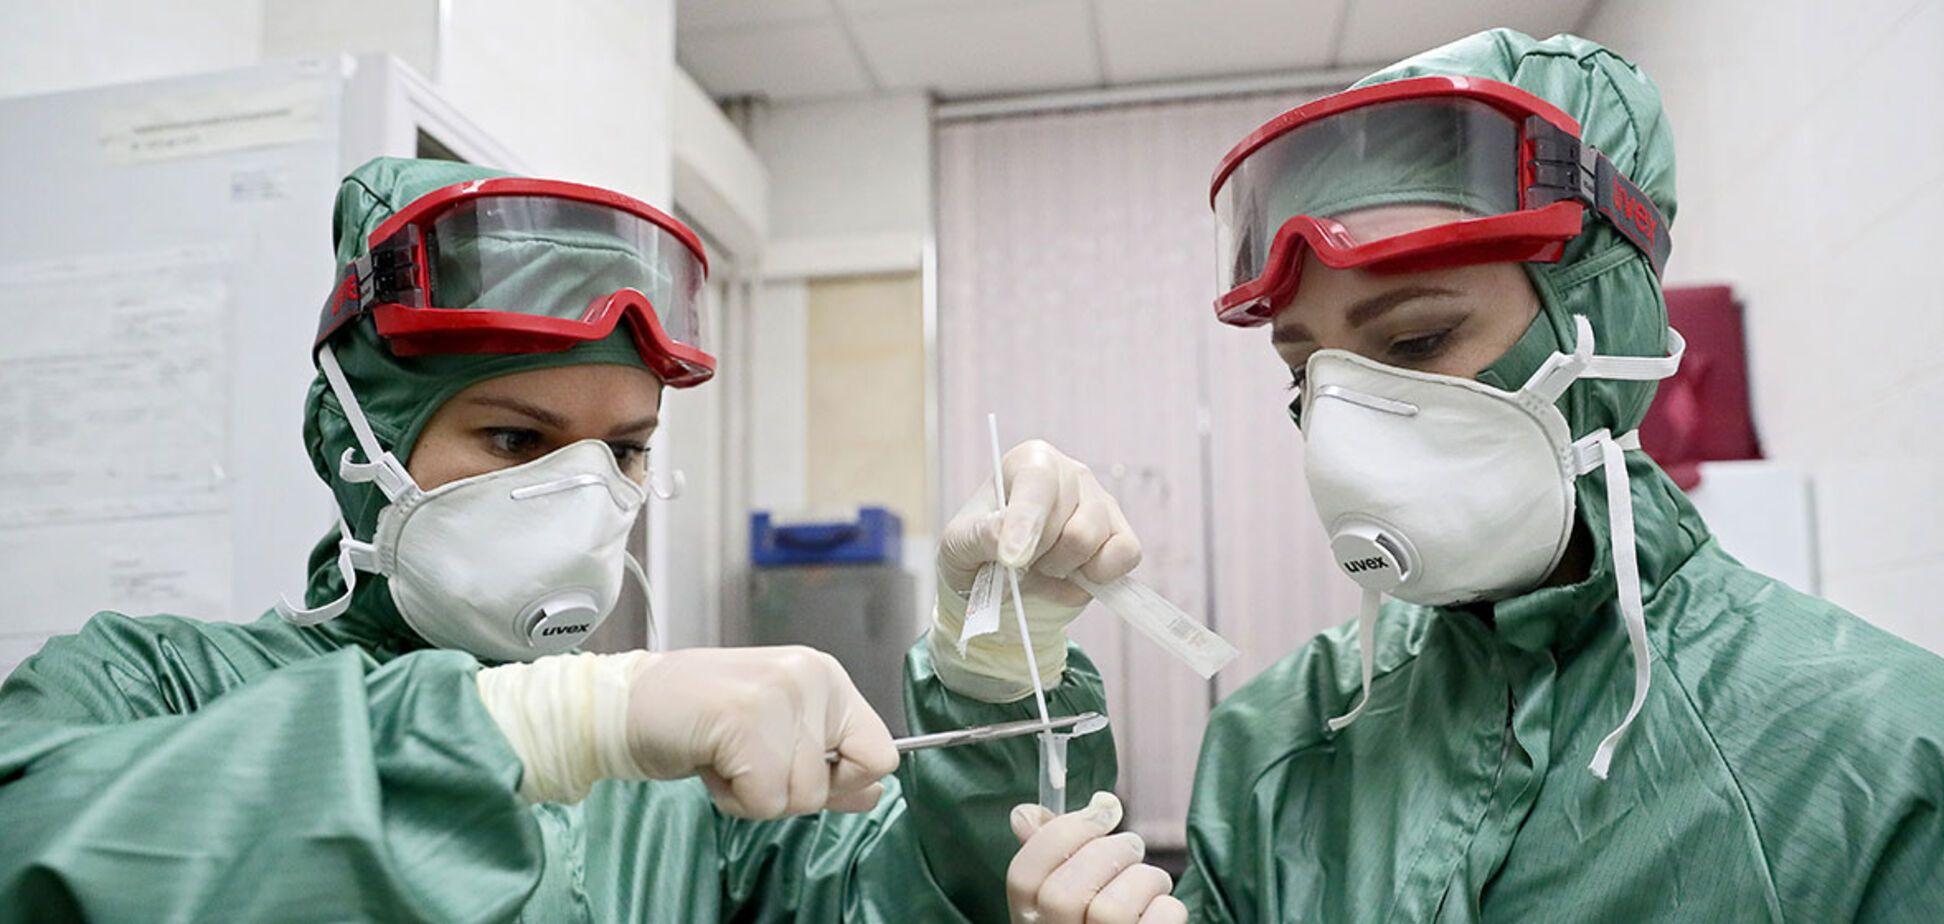 Коронавирус пришел в Болгарию: подтвердились первые случаи